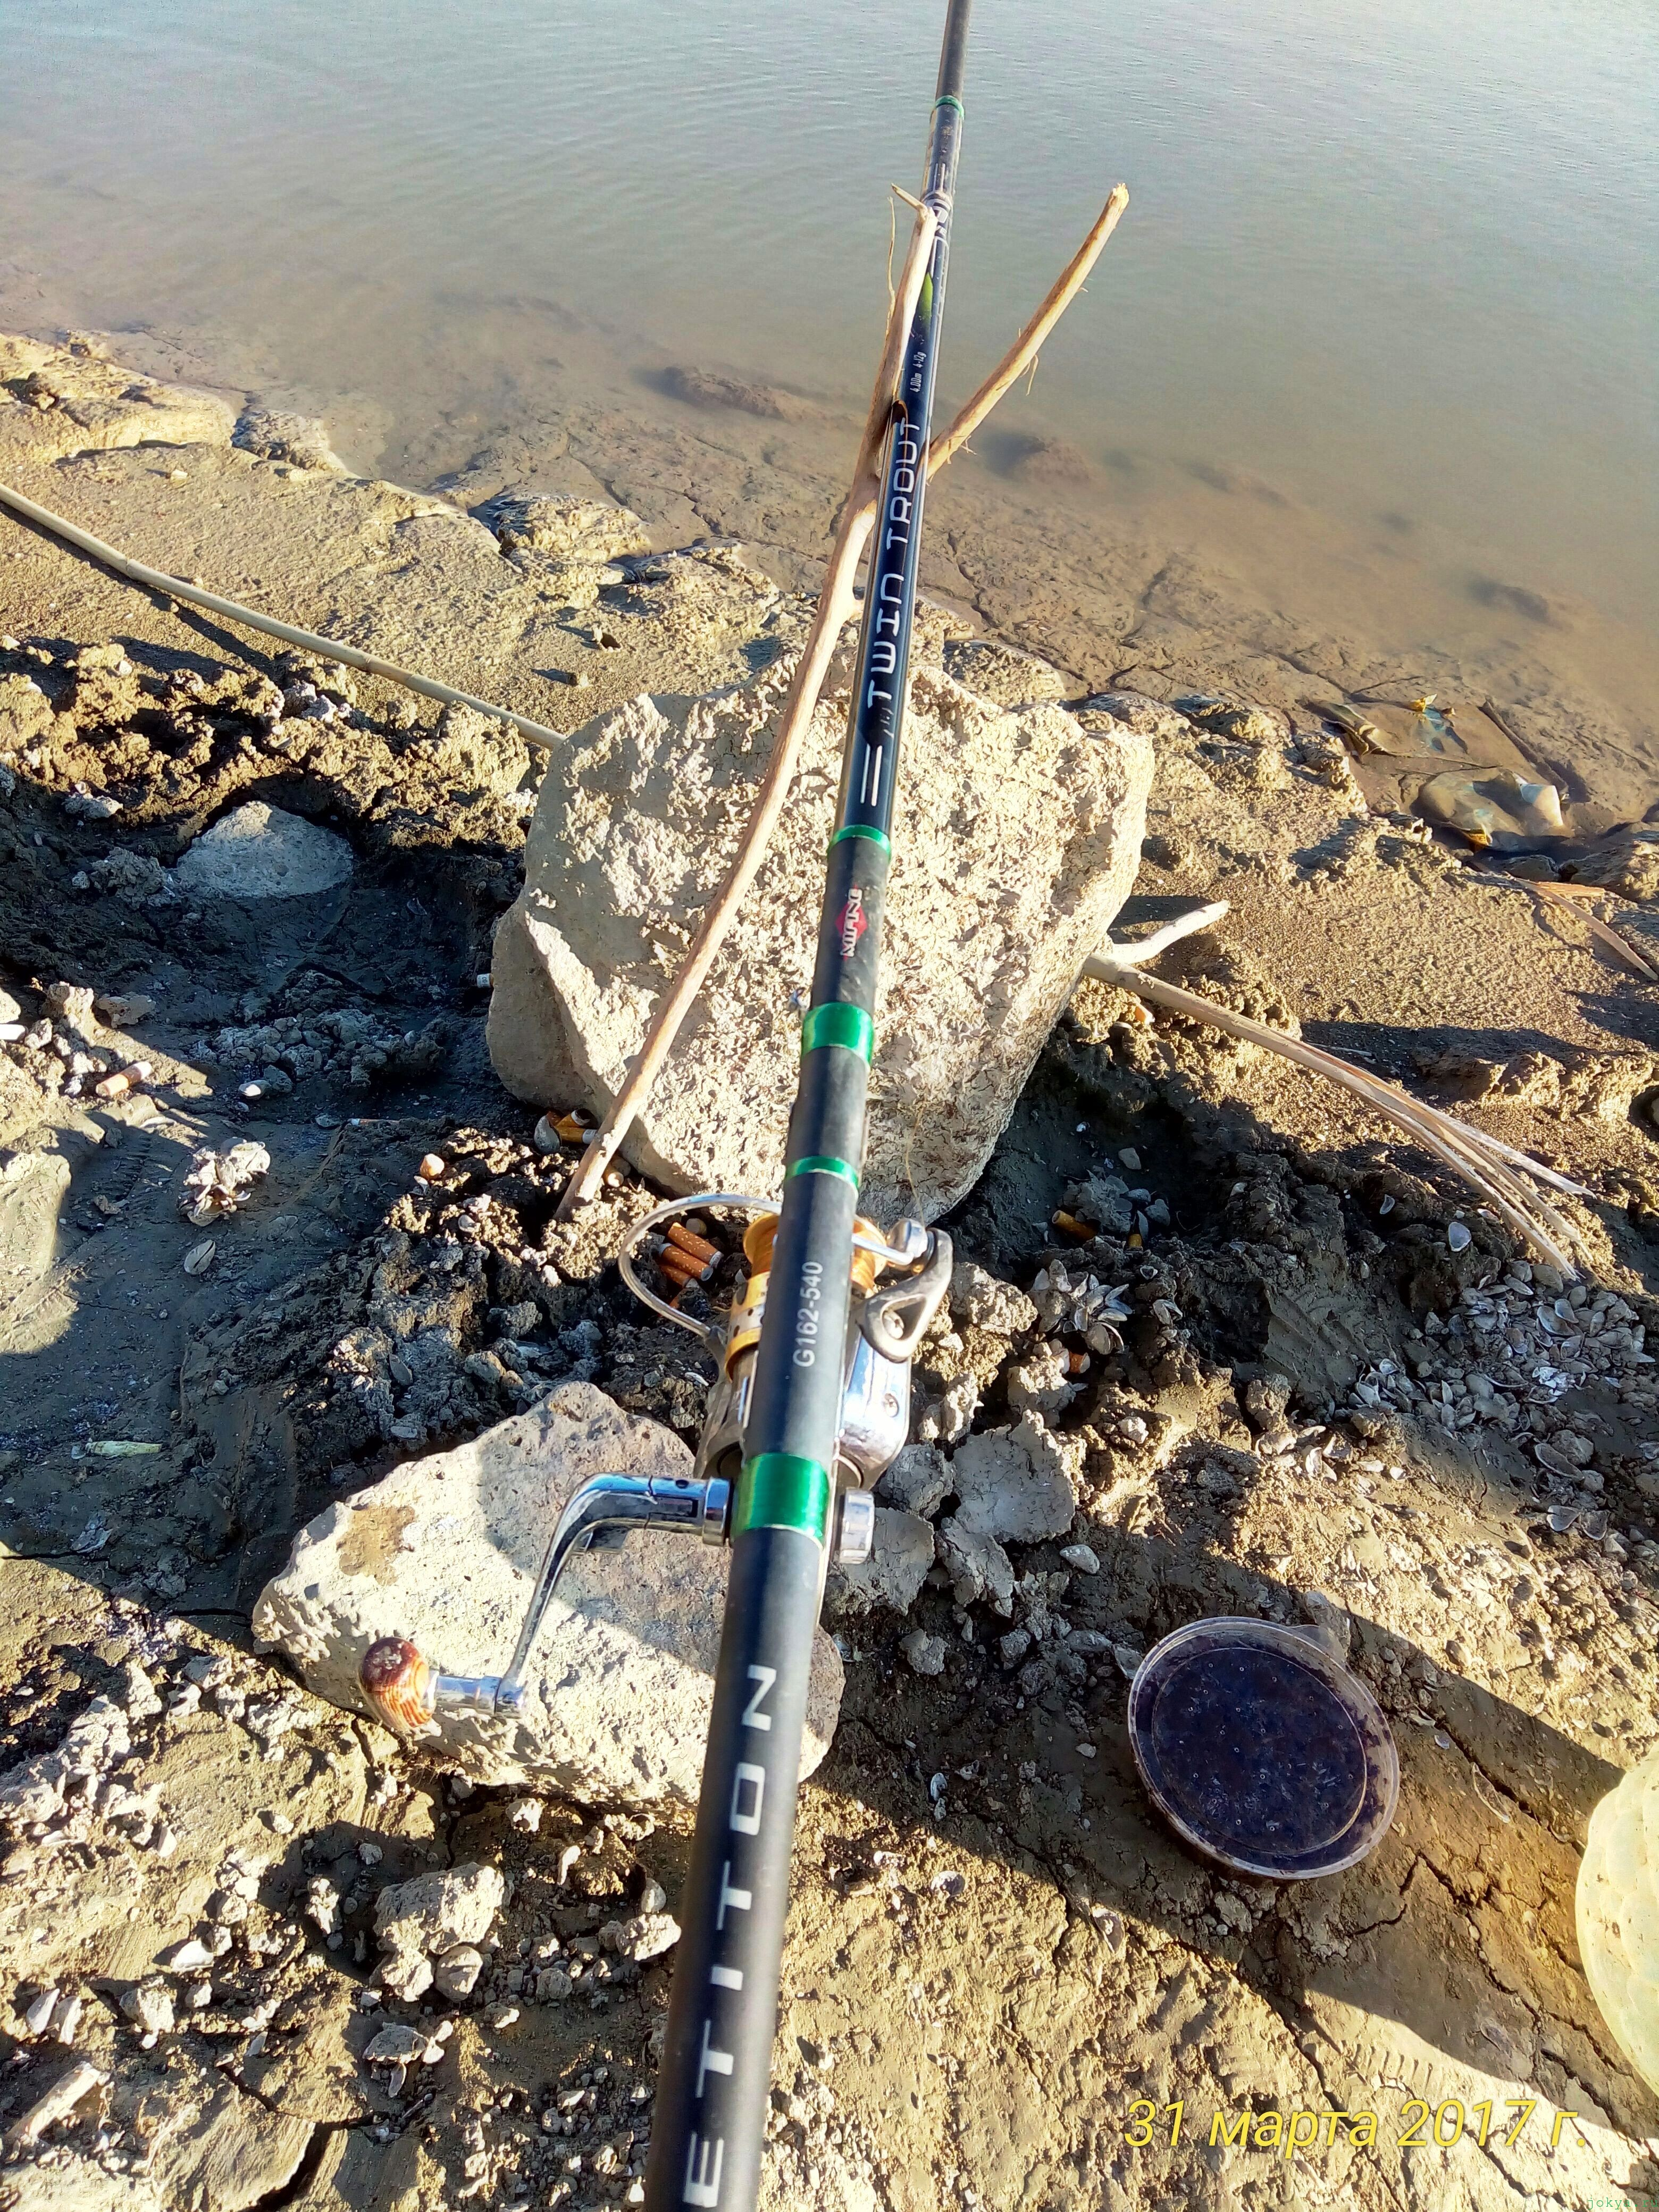 Купить удилище MIFINE на закрытие рыбалки фото заметка из моей реальности в Крыму jokya.ru